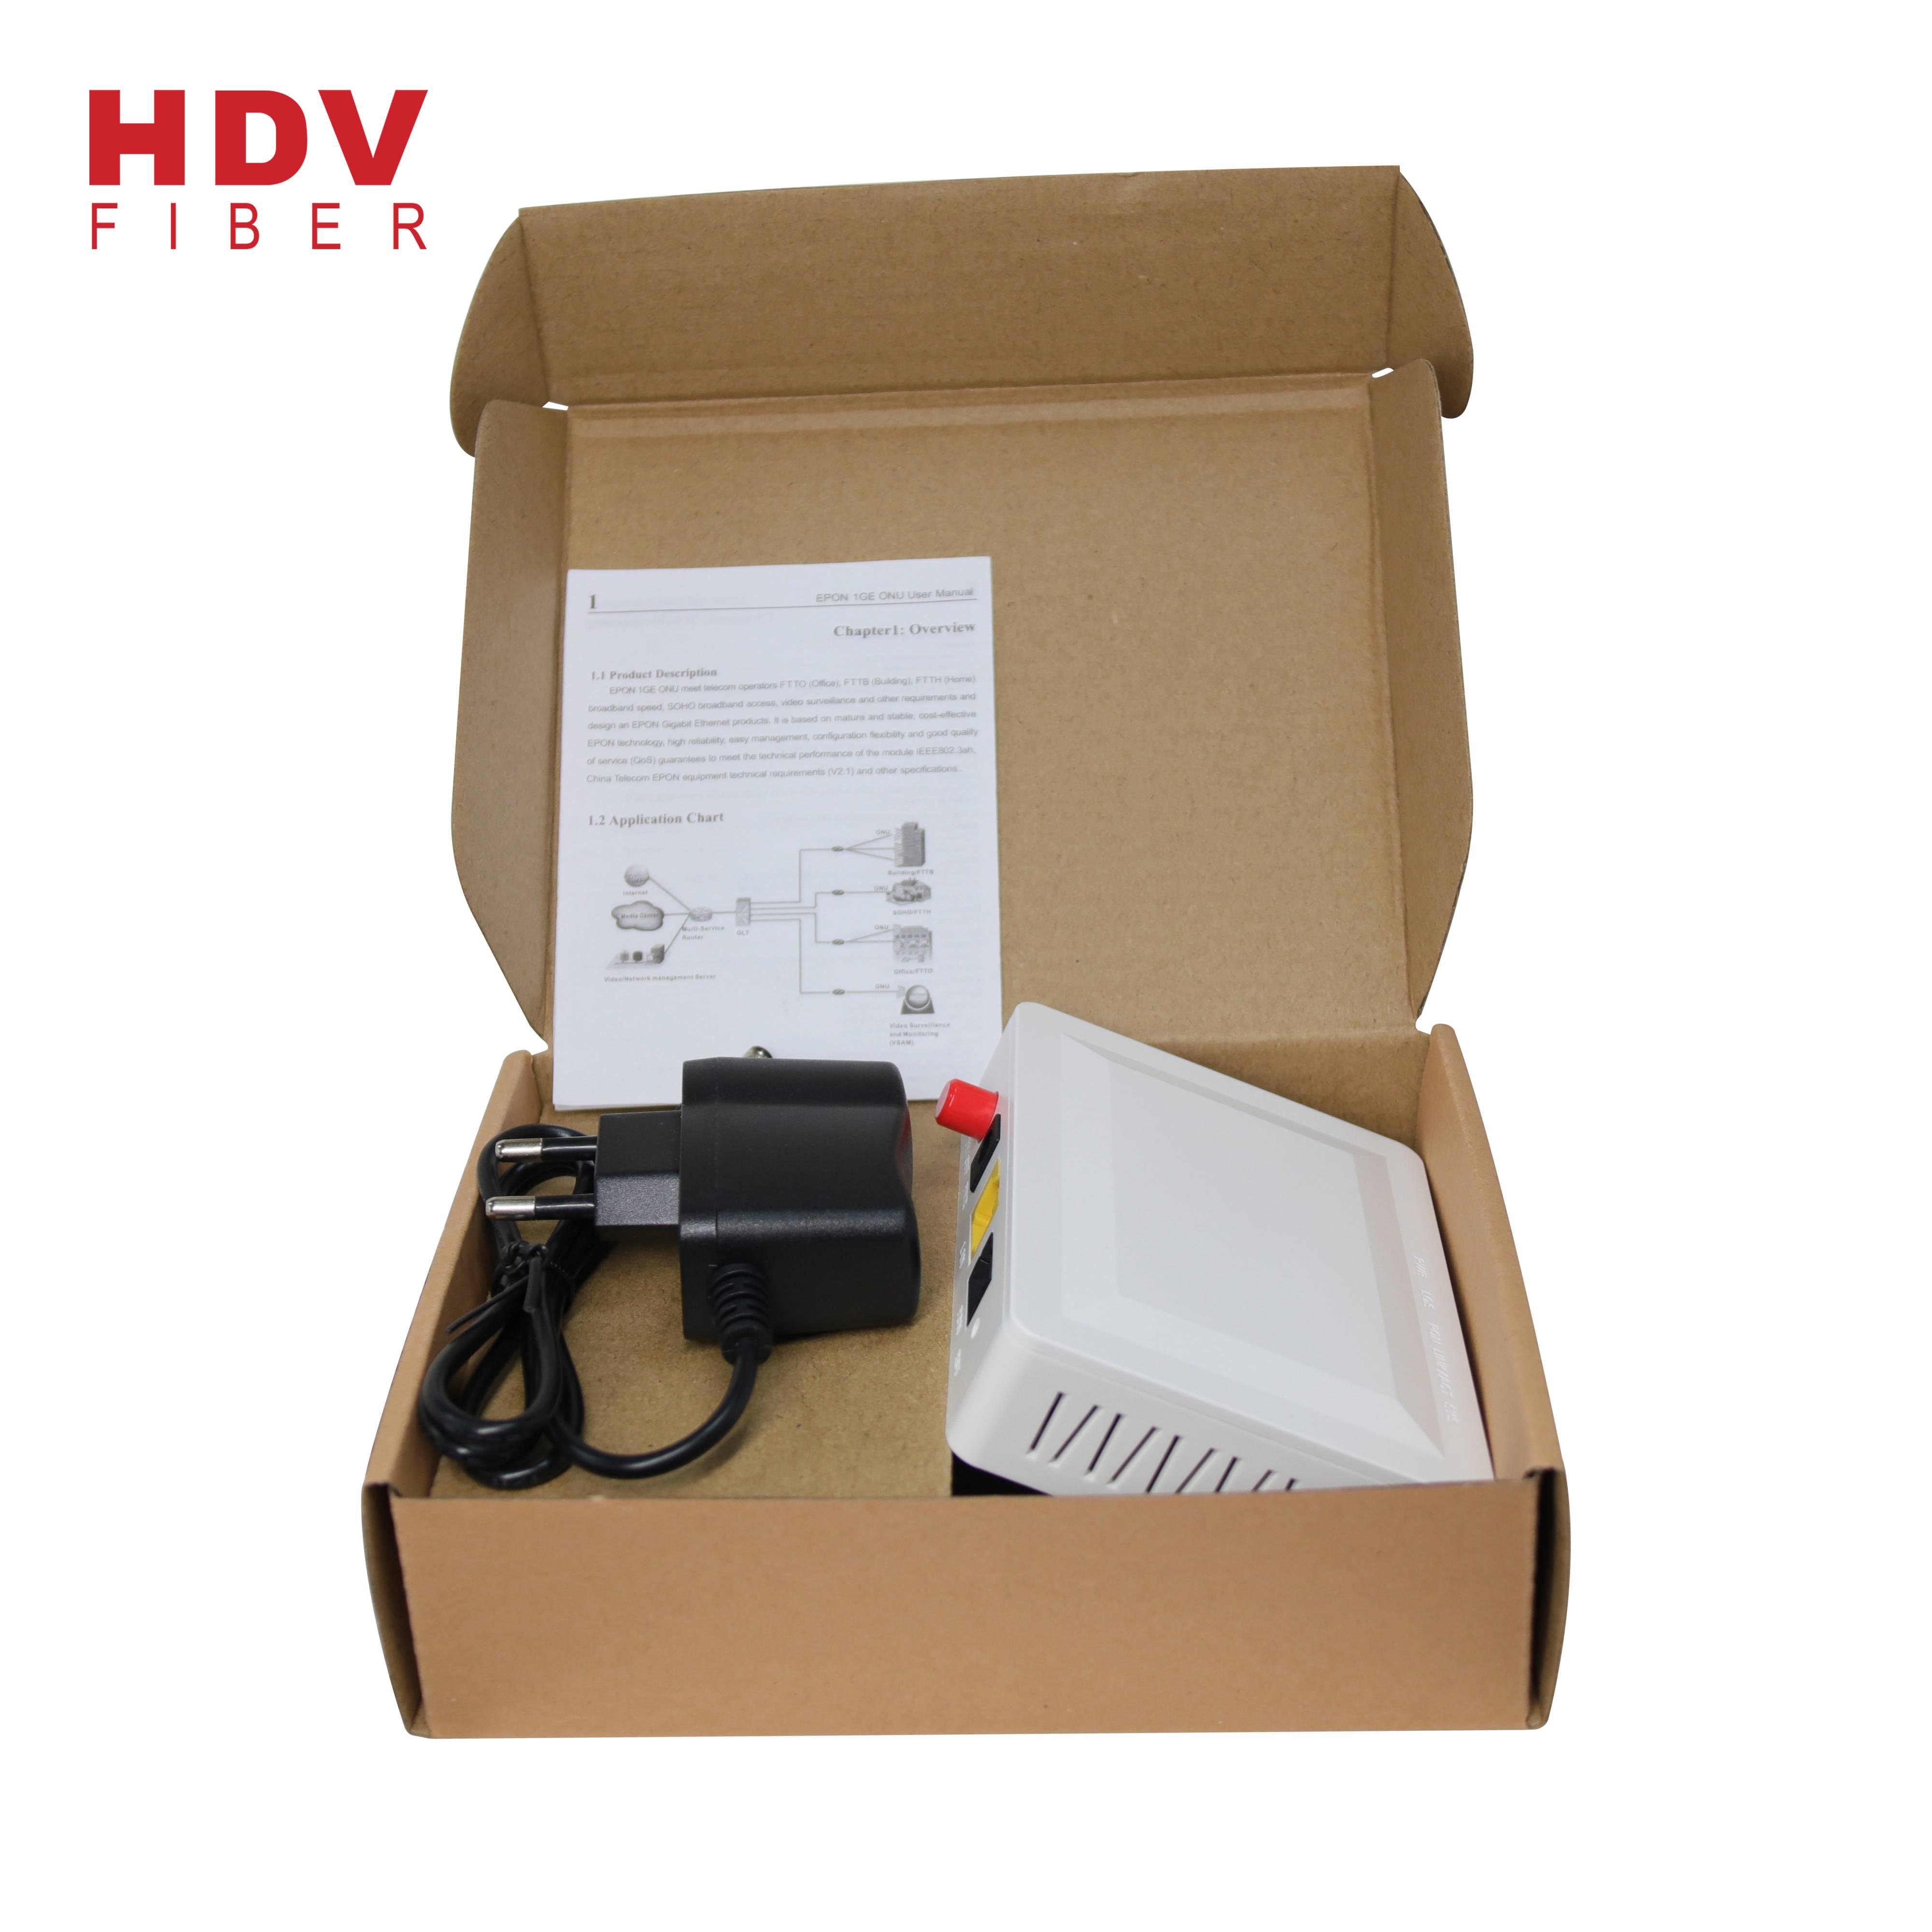 China Ftth Fiber Optic 1ge Epon Onu Ont Modem 1 Pon 1 Lan Gepon Zte